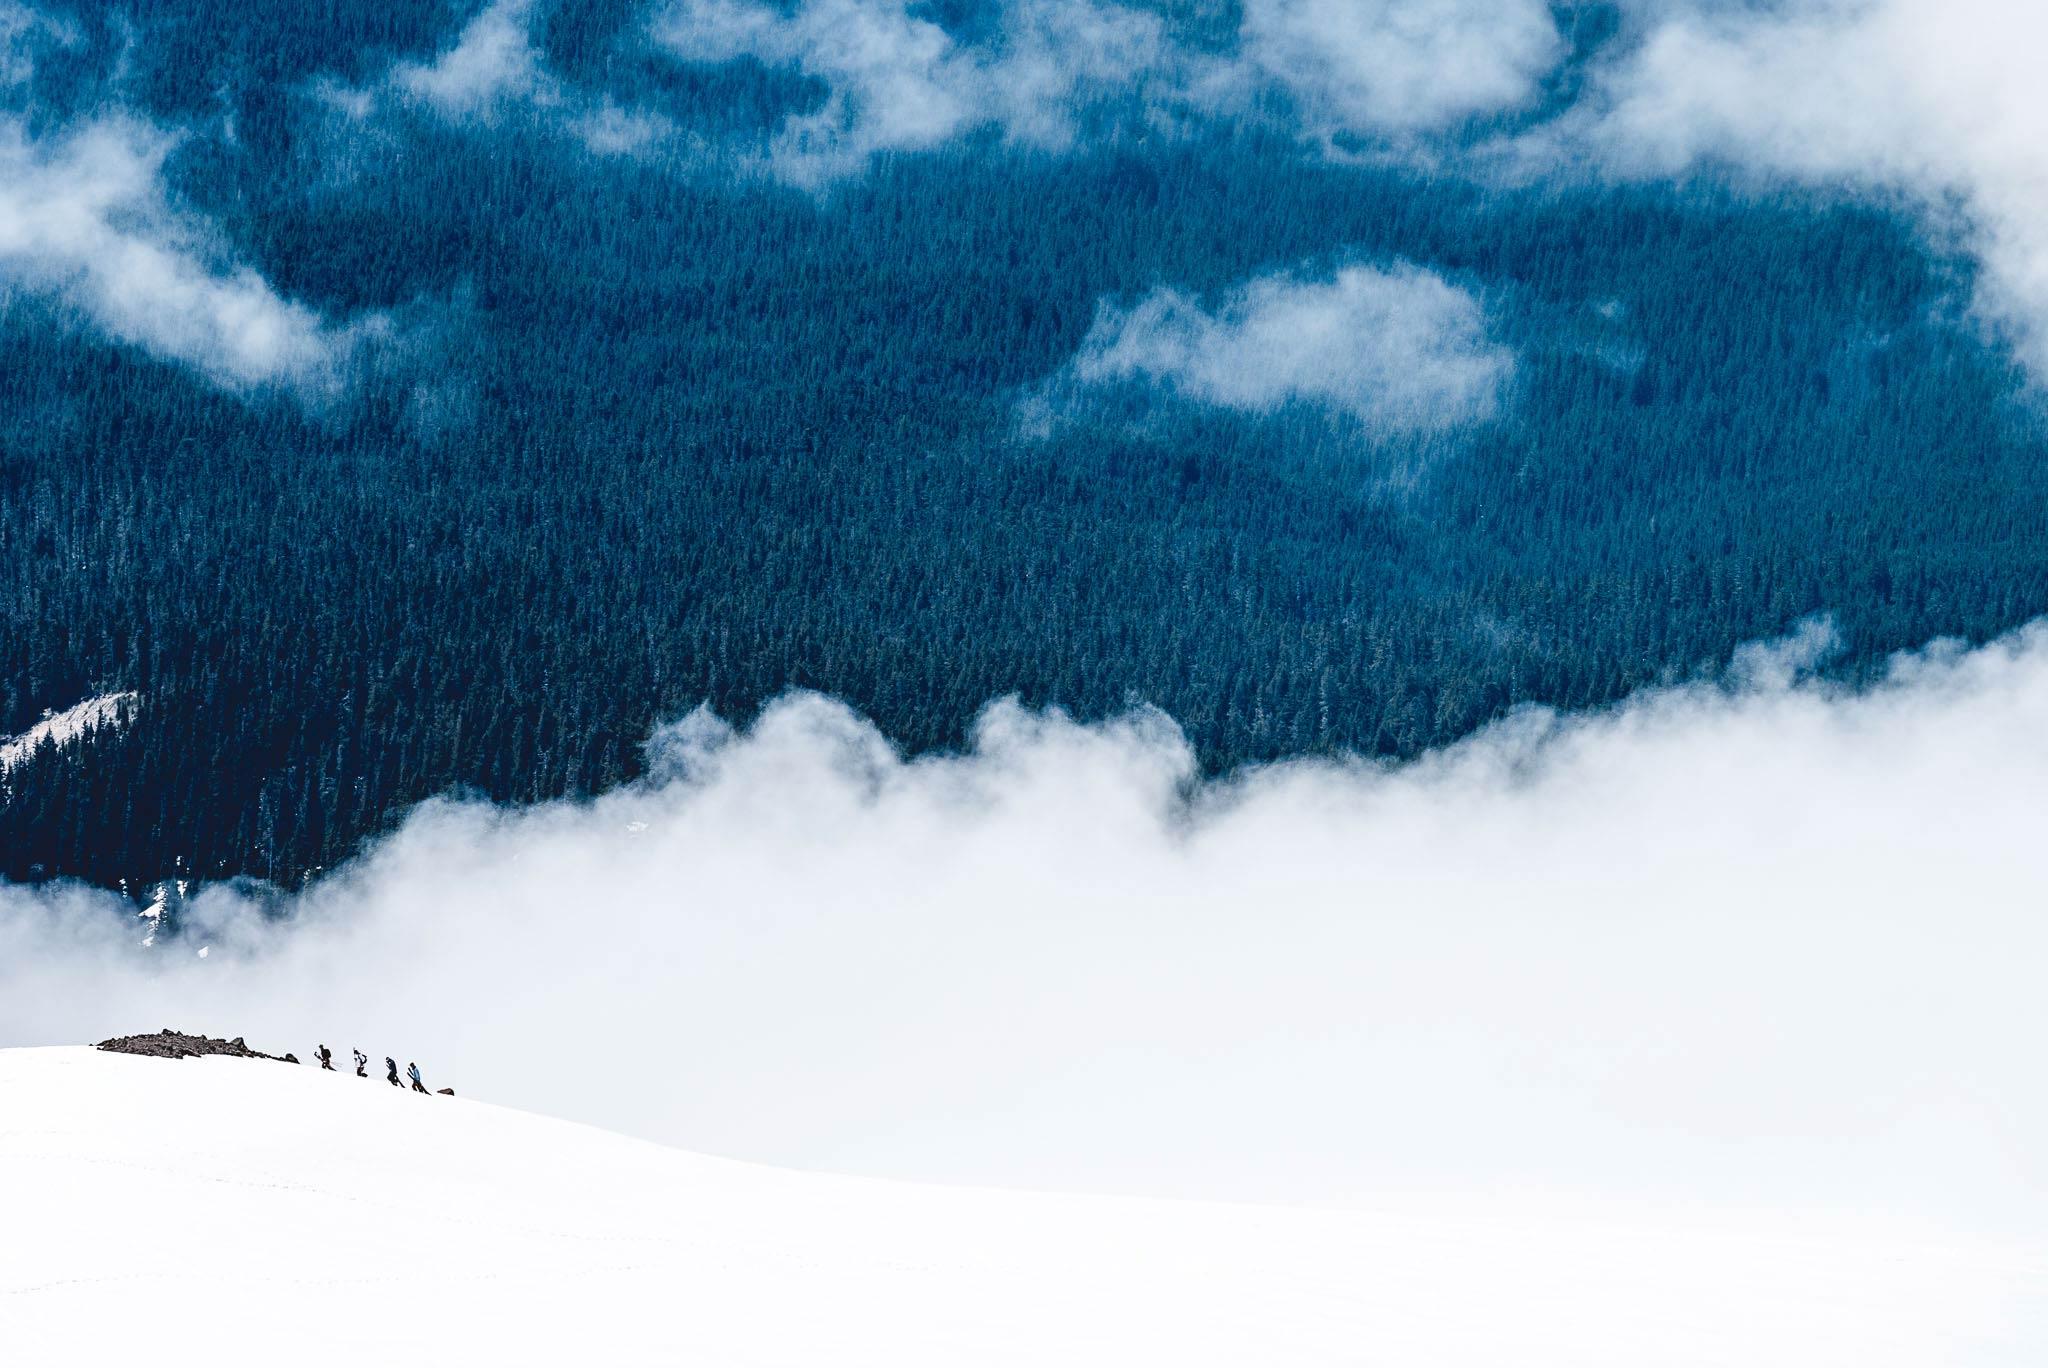 Der Mount Hood bietet nicht nur einen perfekten Sommer-Snowpark, sondern auch ein exzellentes Gelände für Ausflüge ins Backcountry zum Bauen von Bootern!